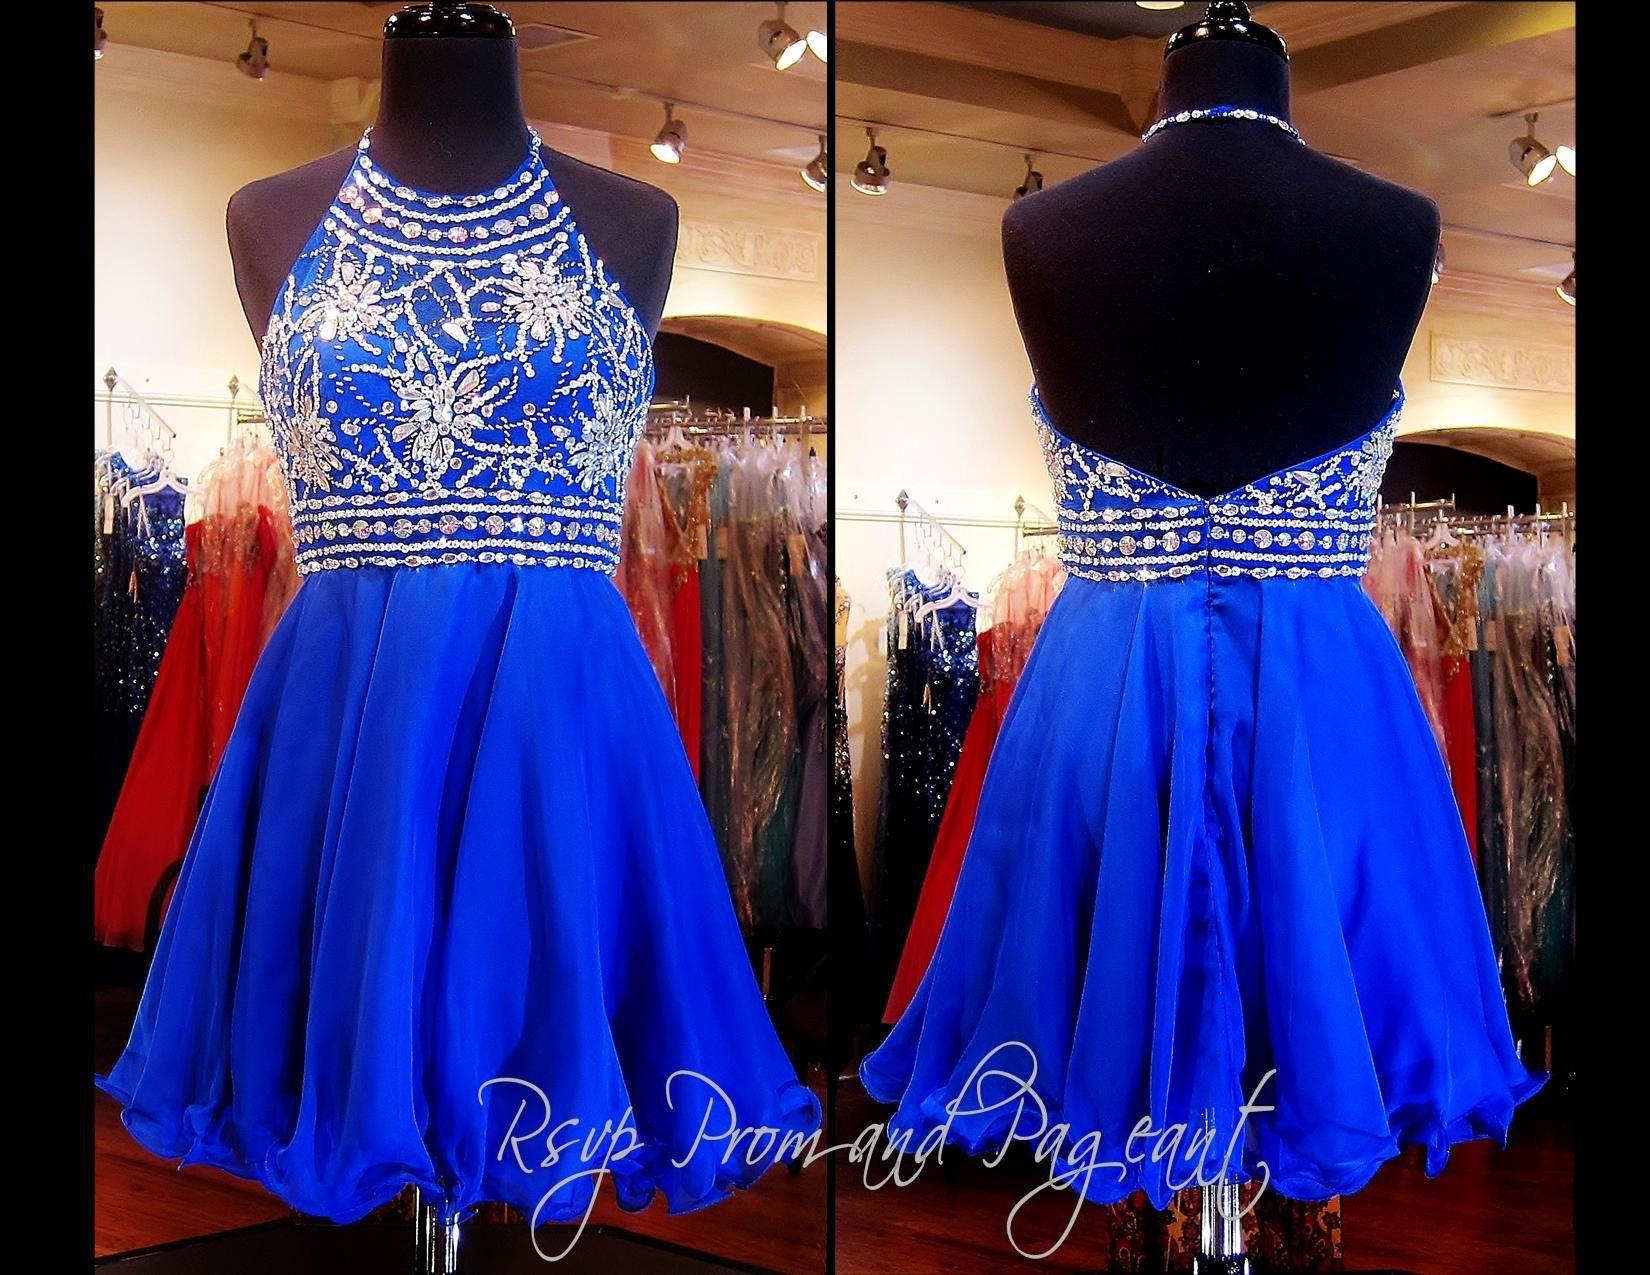 114BP098820 ROYAL HOMECOMING DRESS